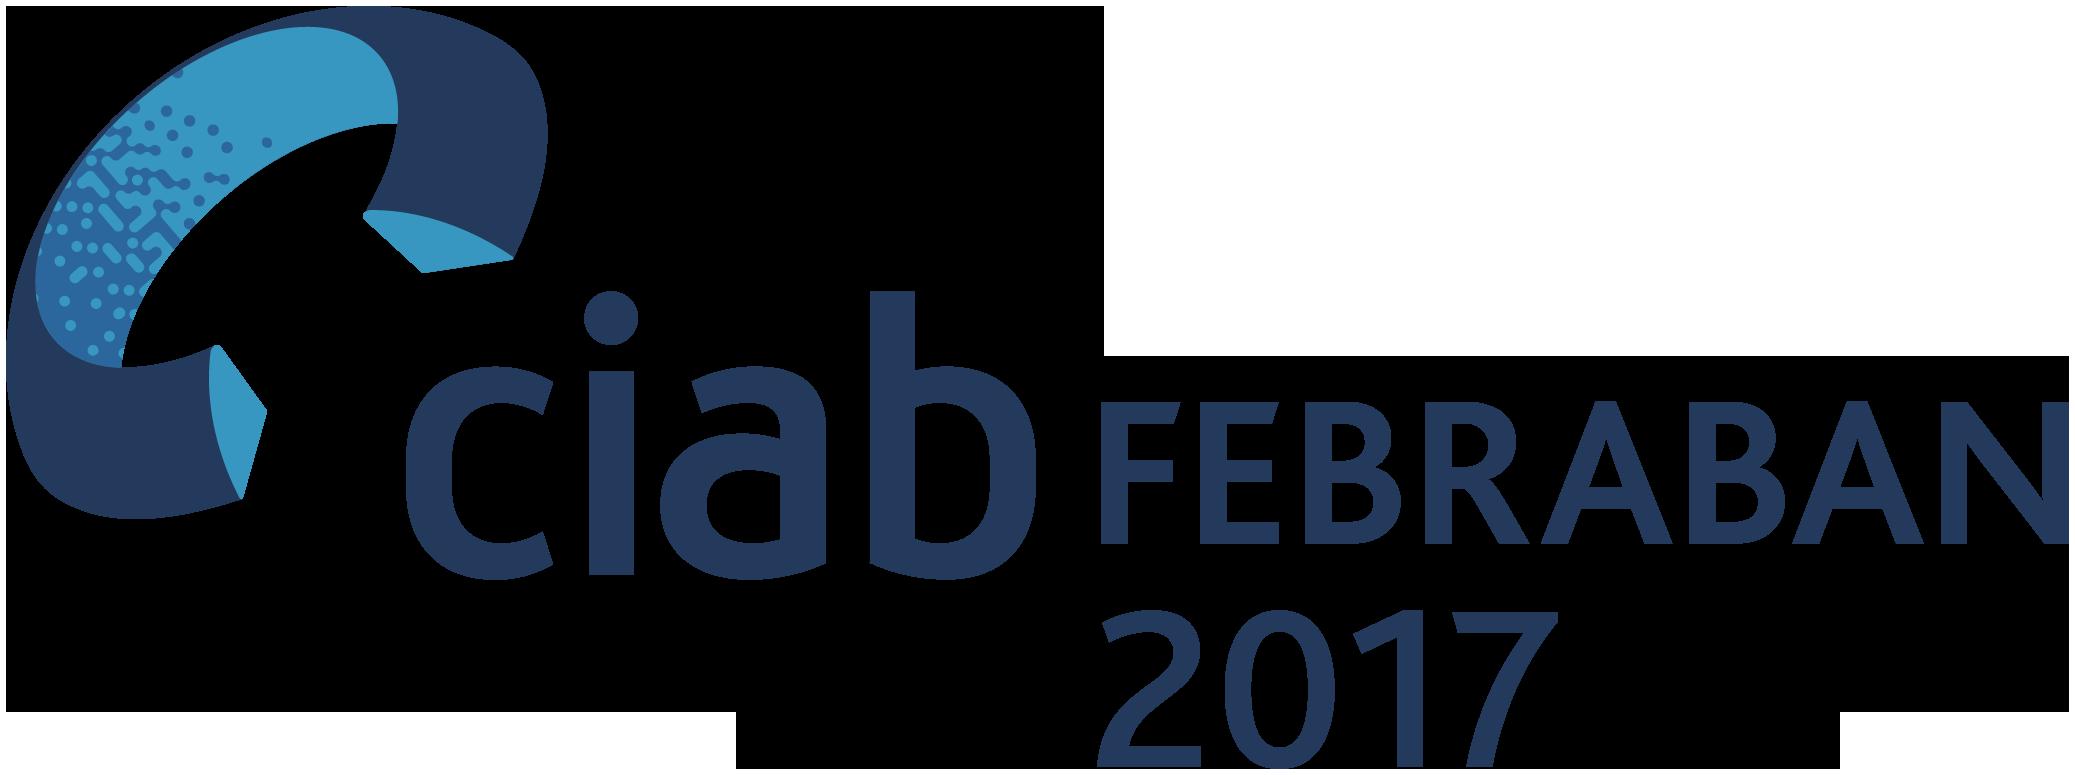 CIAB FEBRABAN – June 12-14, 2018, São Paulo, Brazil